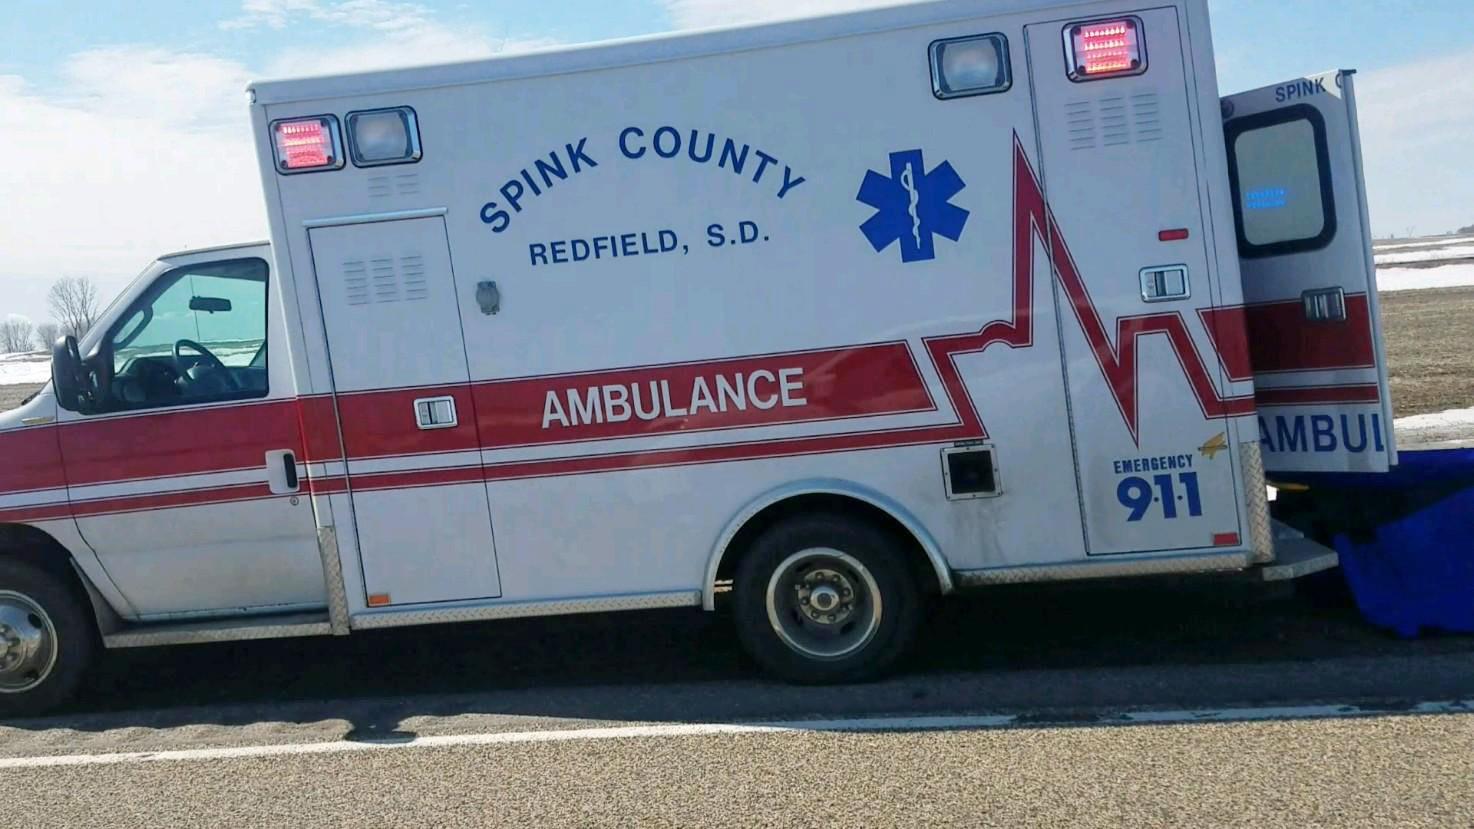 KELO ambulance Spink County crash Tulare